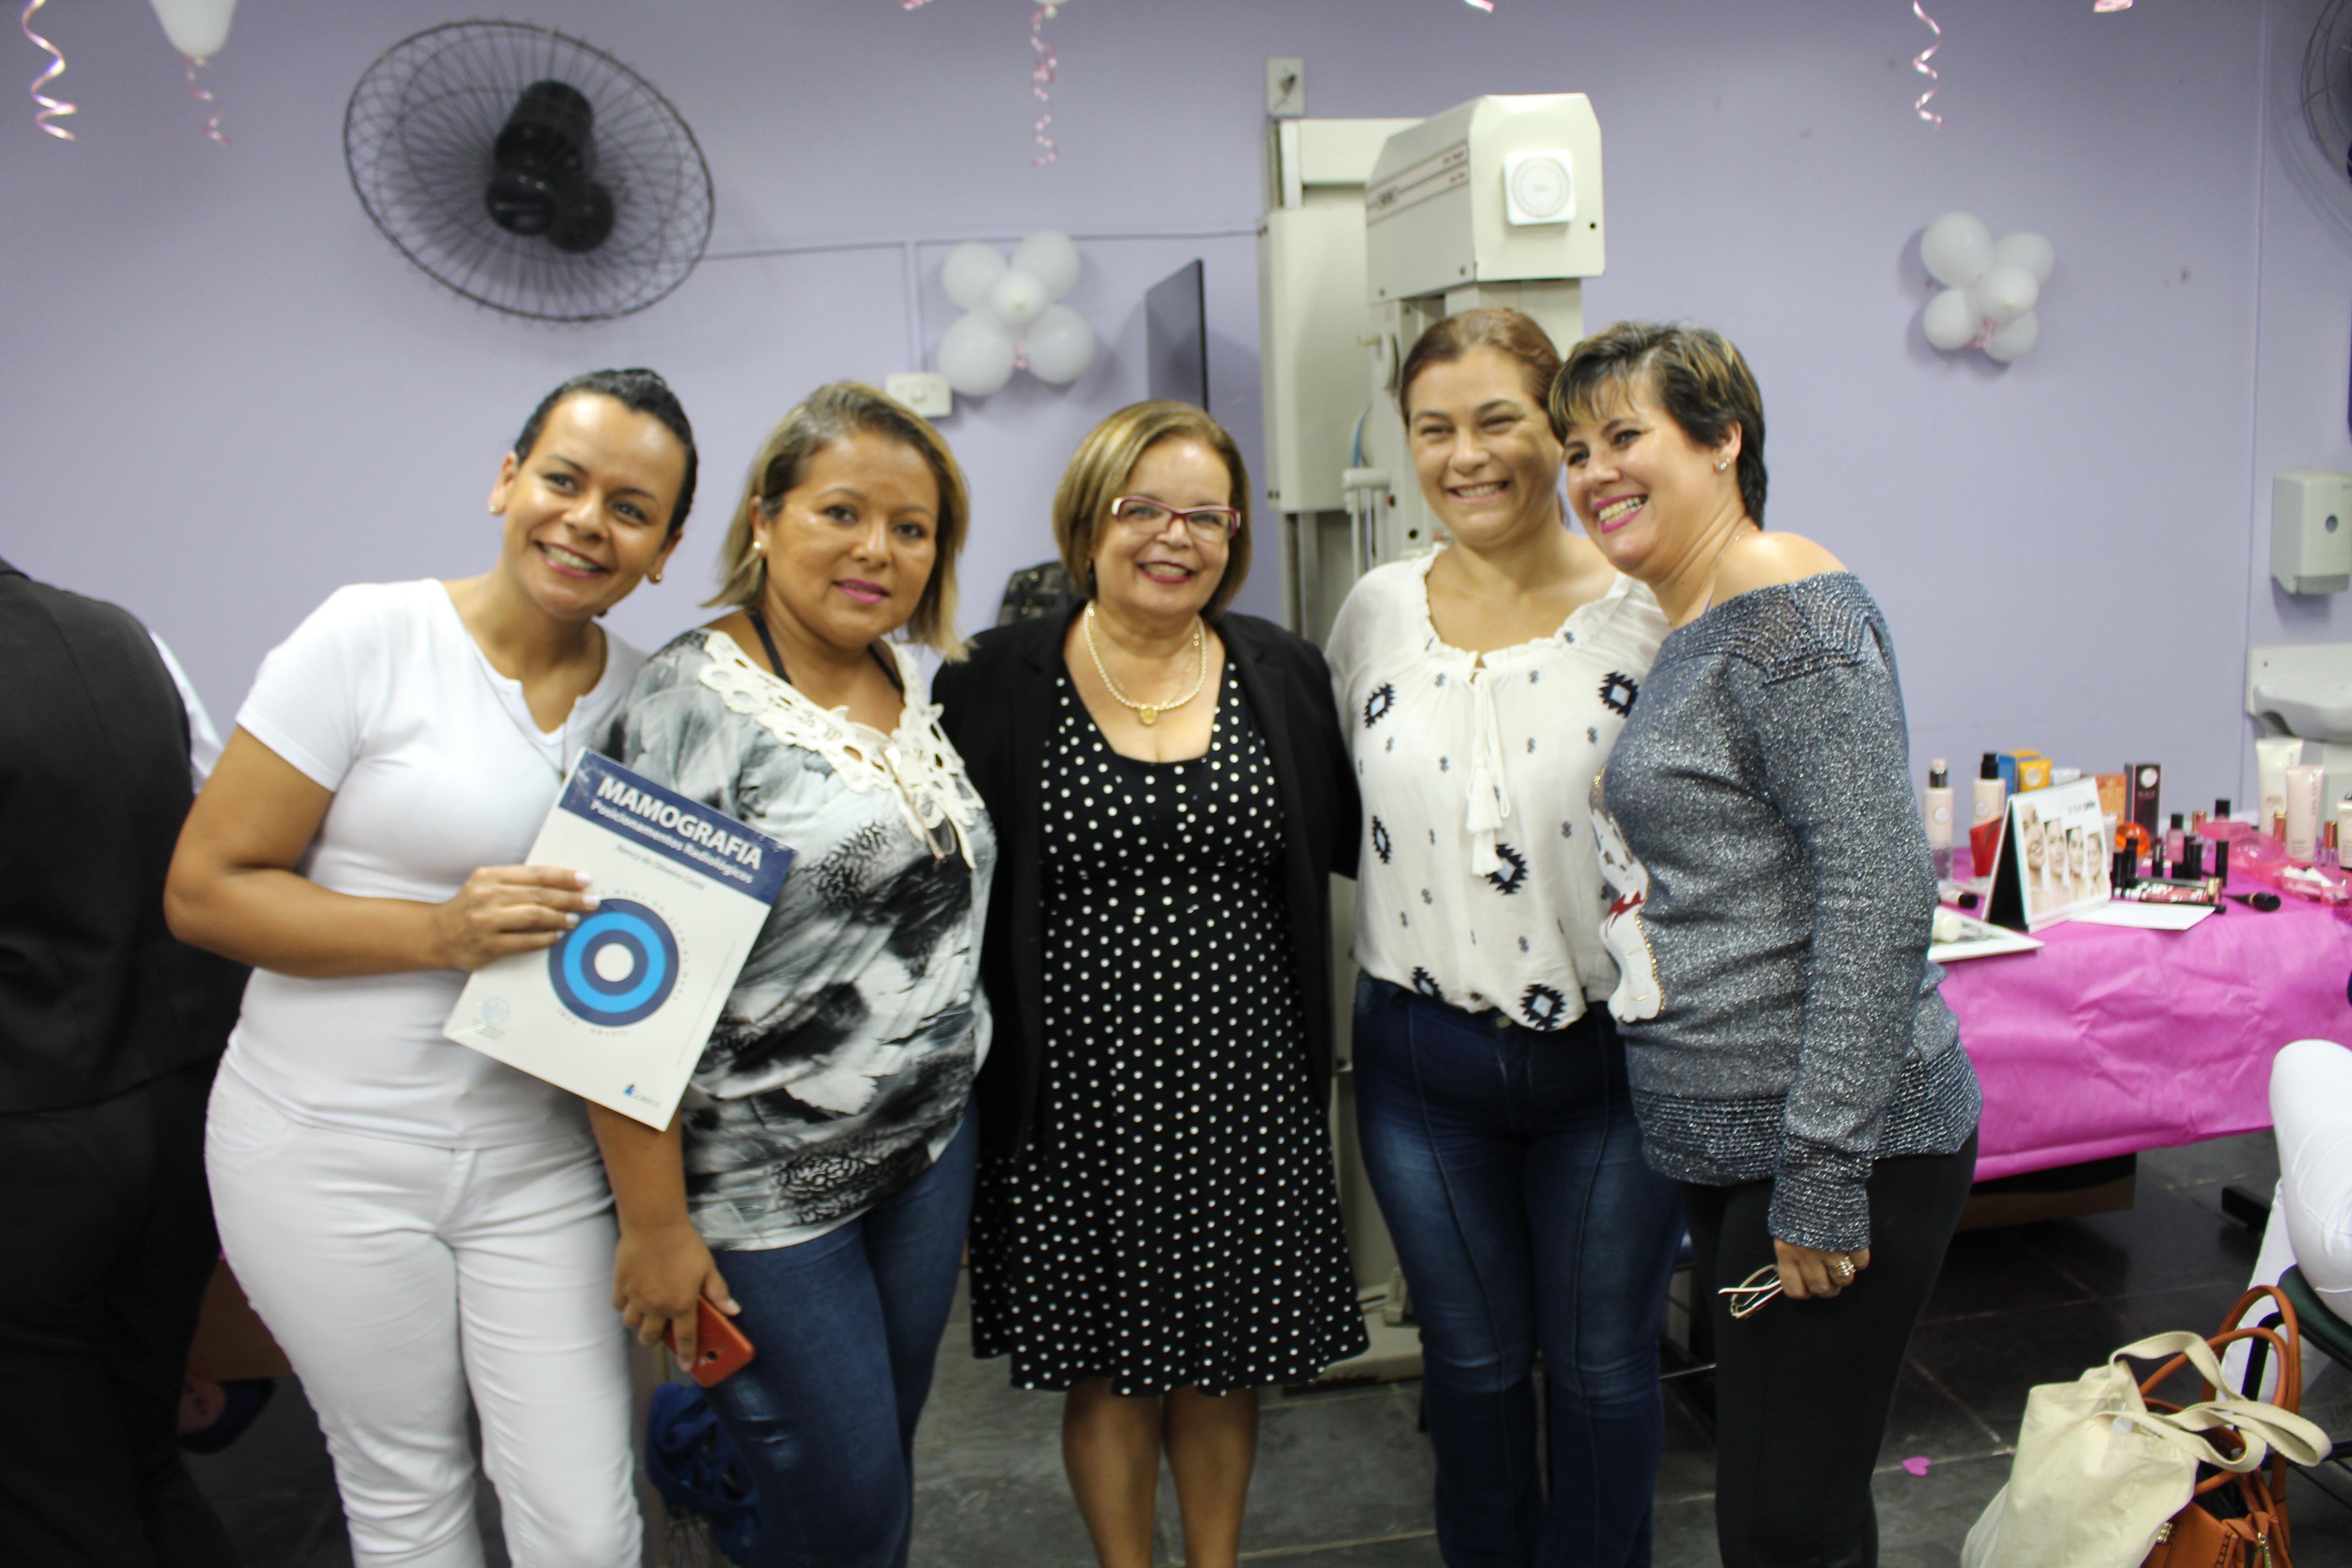 - Dia da Mulher no Instituto Cimas de Ensino